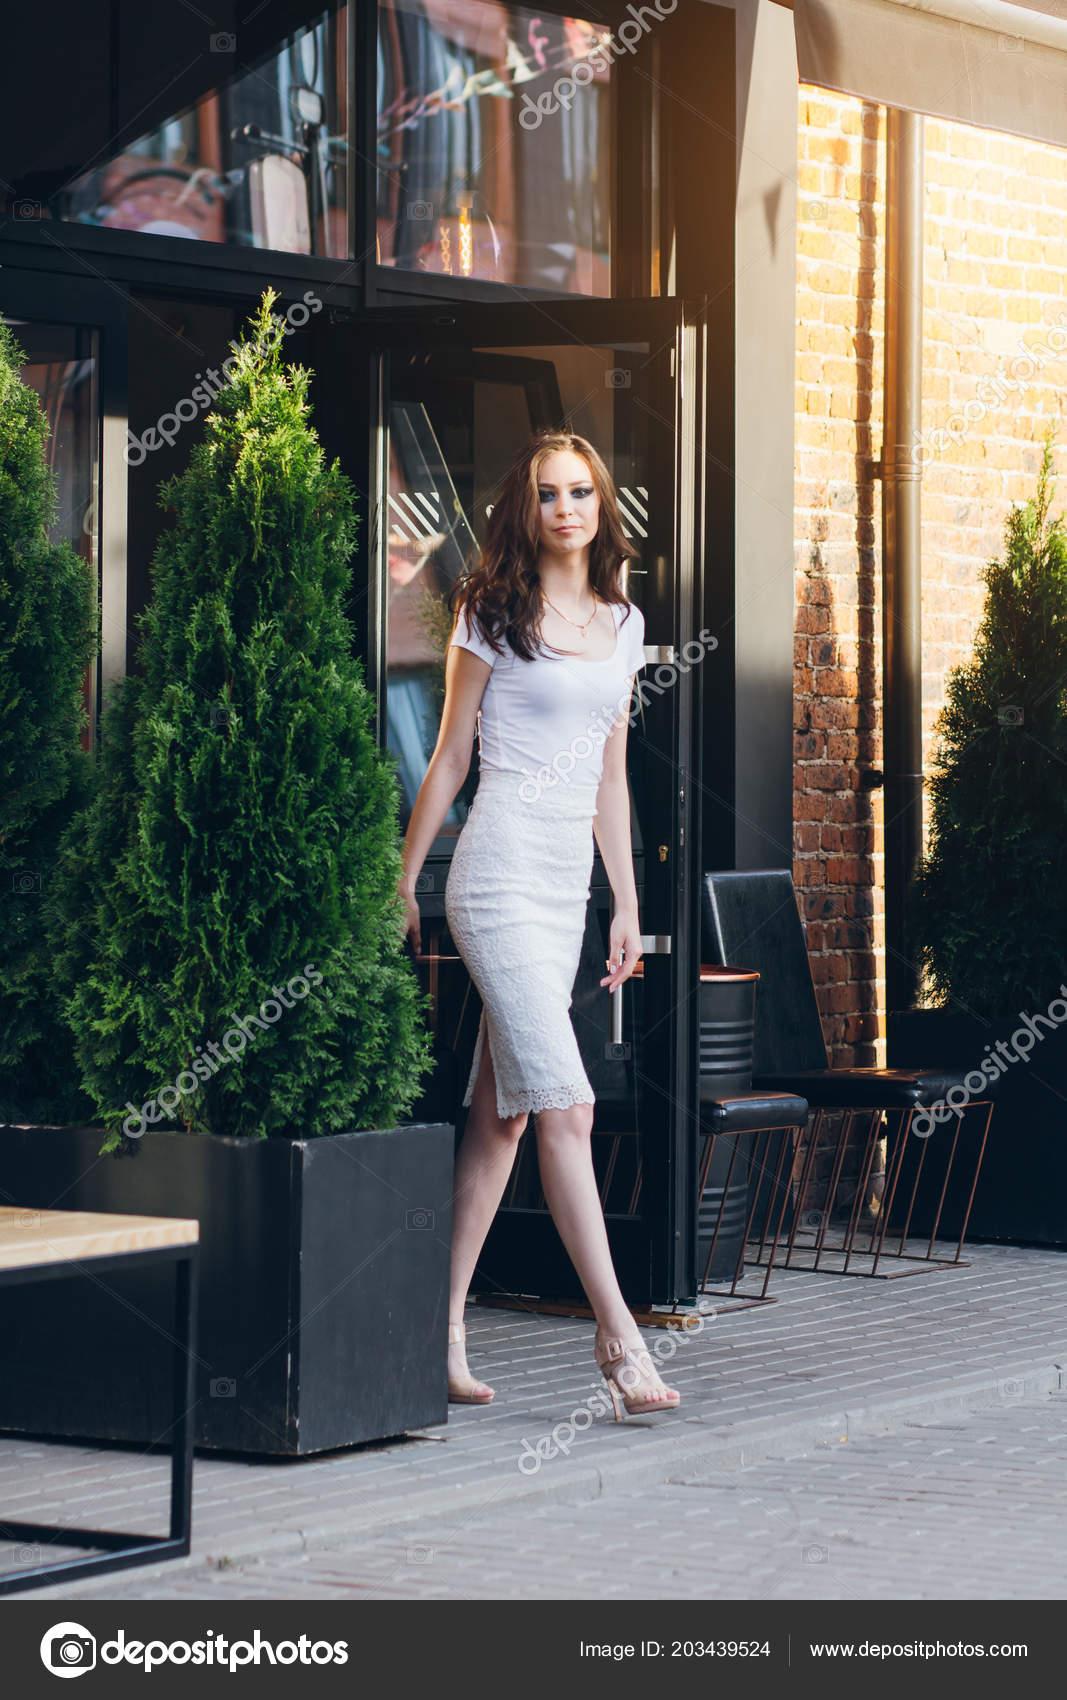 dd582a60f7ab Giovane bella ragazza castana con capelli lunghi in vestito bianco elegante.  Donna che cammina per le strade della città la sera al tramonto– immagine  stock